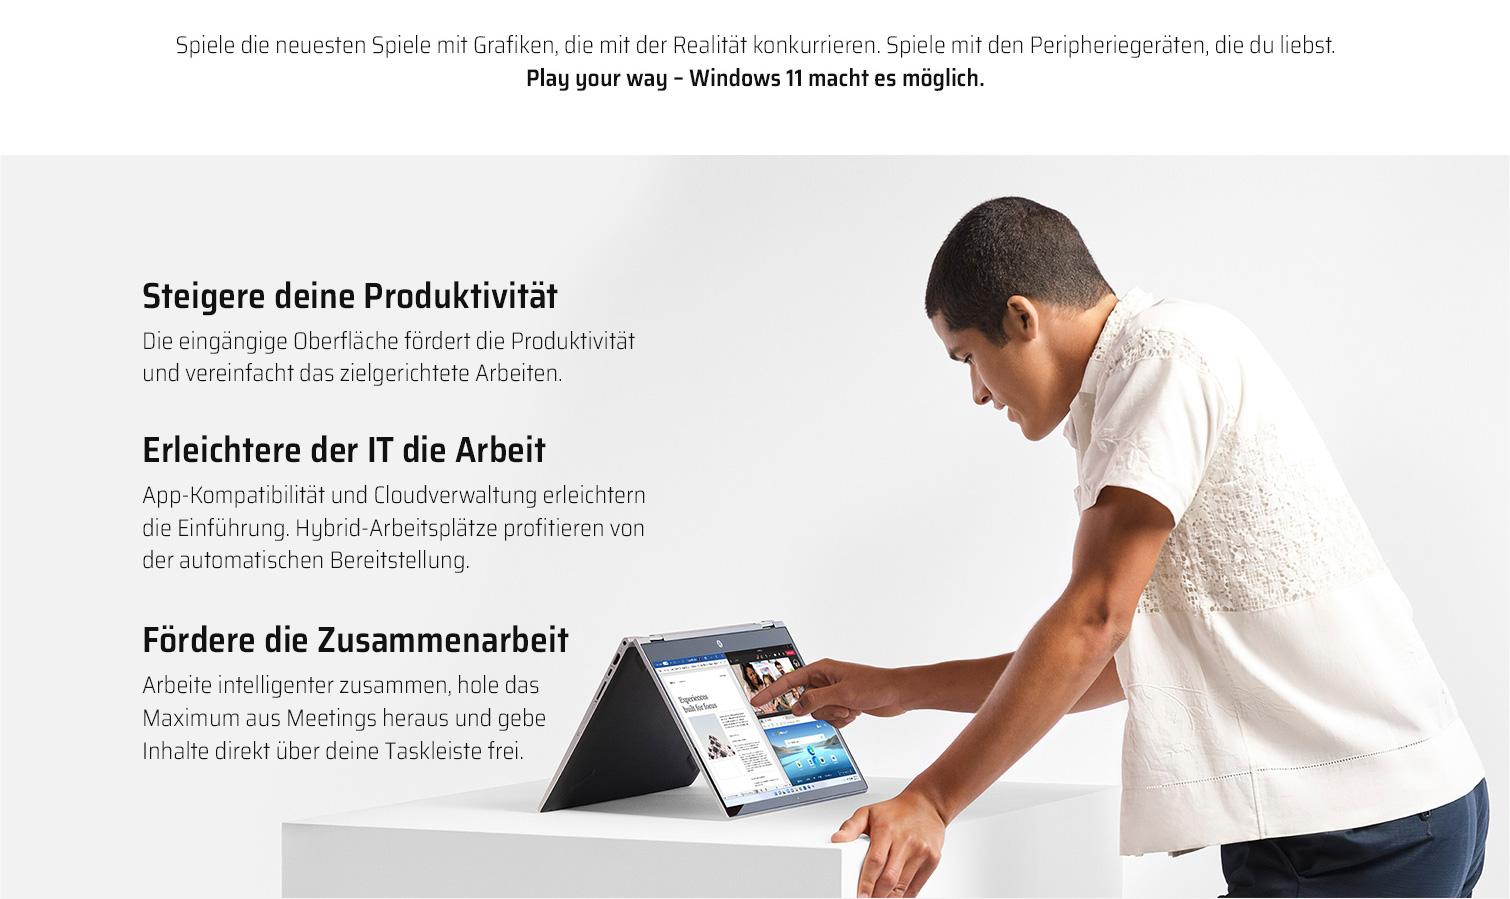 Steigere deine Produktivität, erleichtere der IT die Arbeit und fördere die Zusammenarbeit mit Windows 11